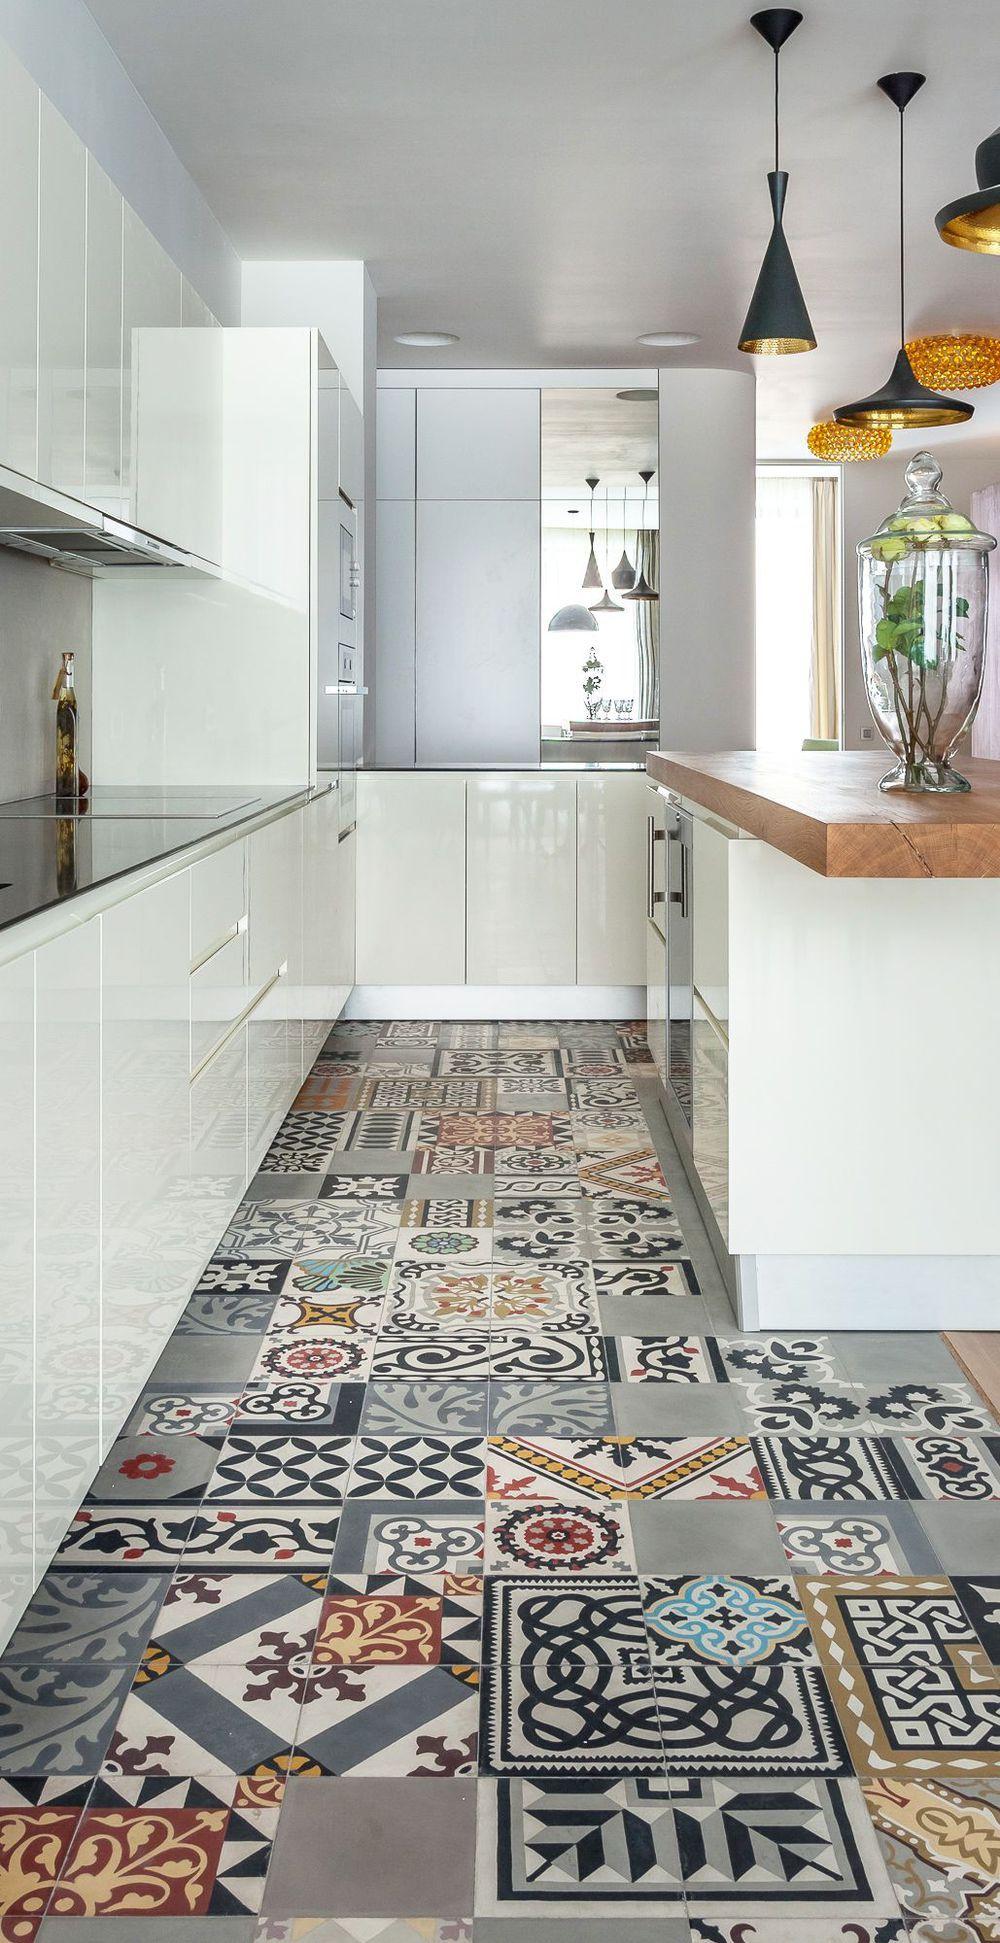 le sol en carreaux de ciment de cette cuisine constitue comme un patchwork - Carrelage Sol Cuisine Professionnelle